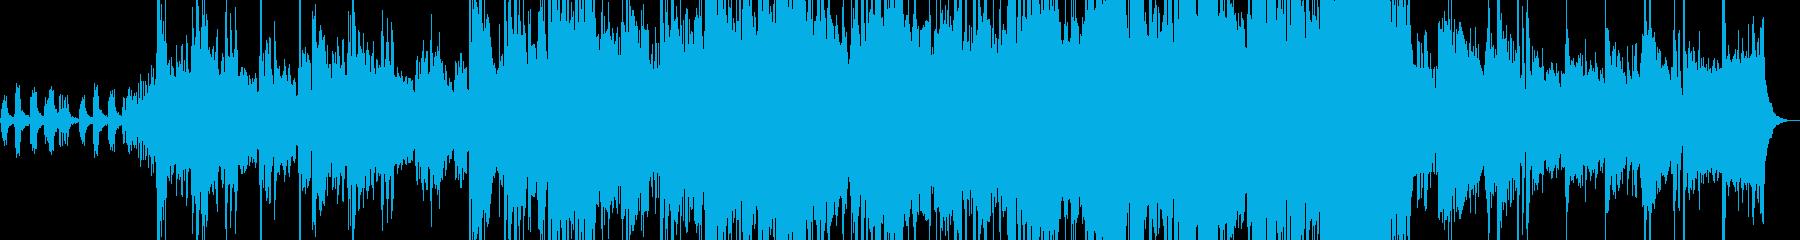 ストリングスが印象的な劇版曲の再生済みの波形